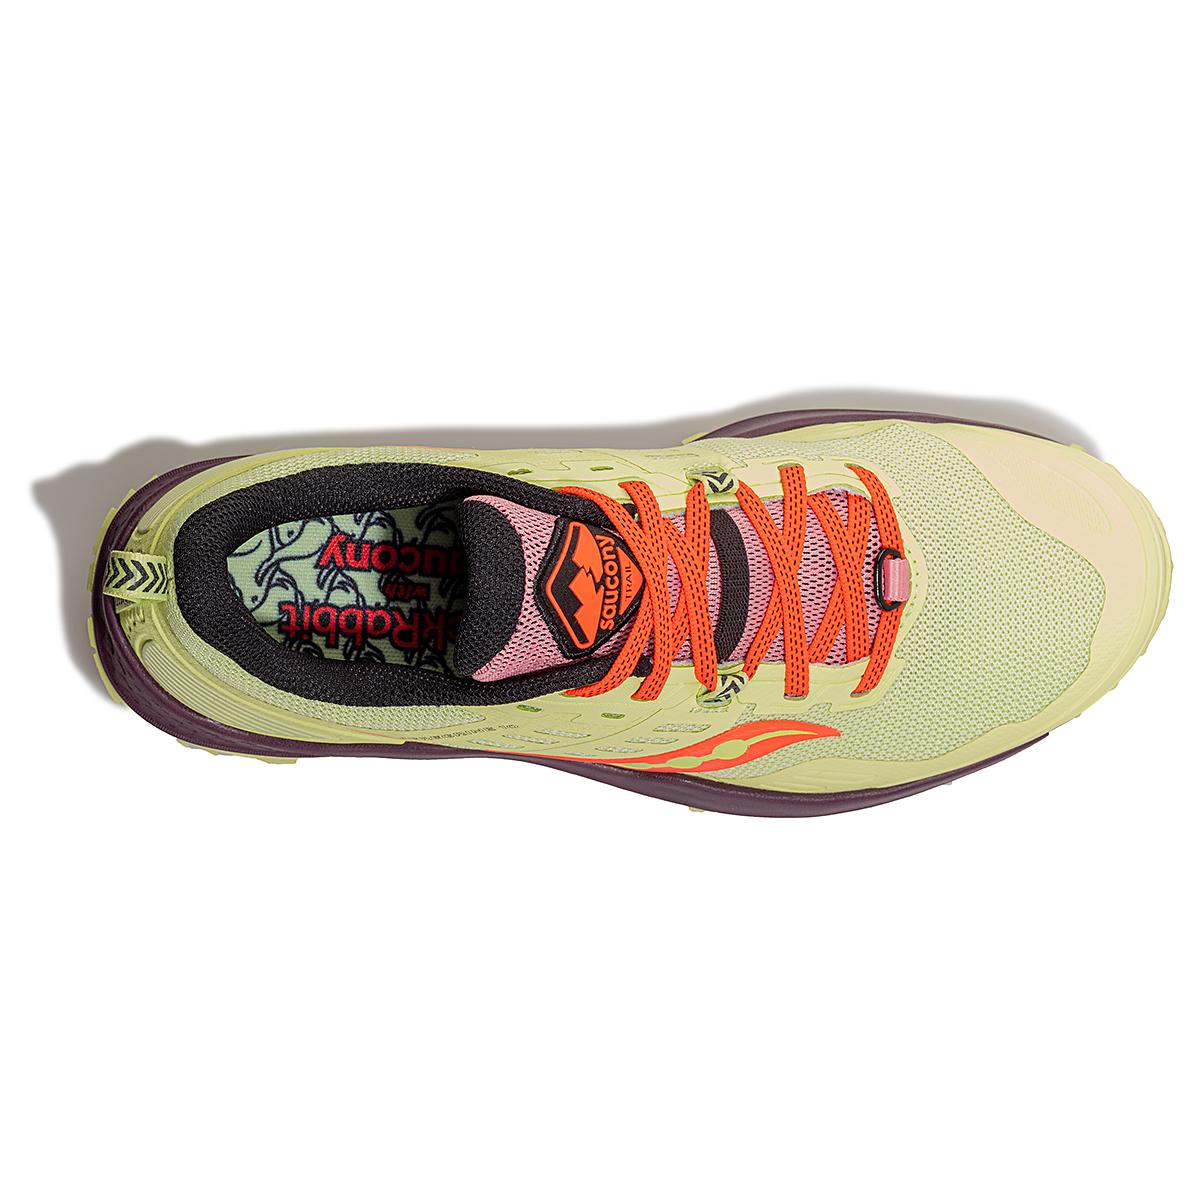 Women's Saucony Jackalope 2.0 Peregrine 10 Trail Running Shoe - Color: Jackalope - Size: 5 - Width: Regular, Jackalope, large, image 2